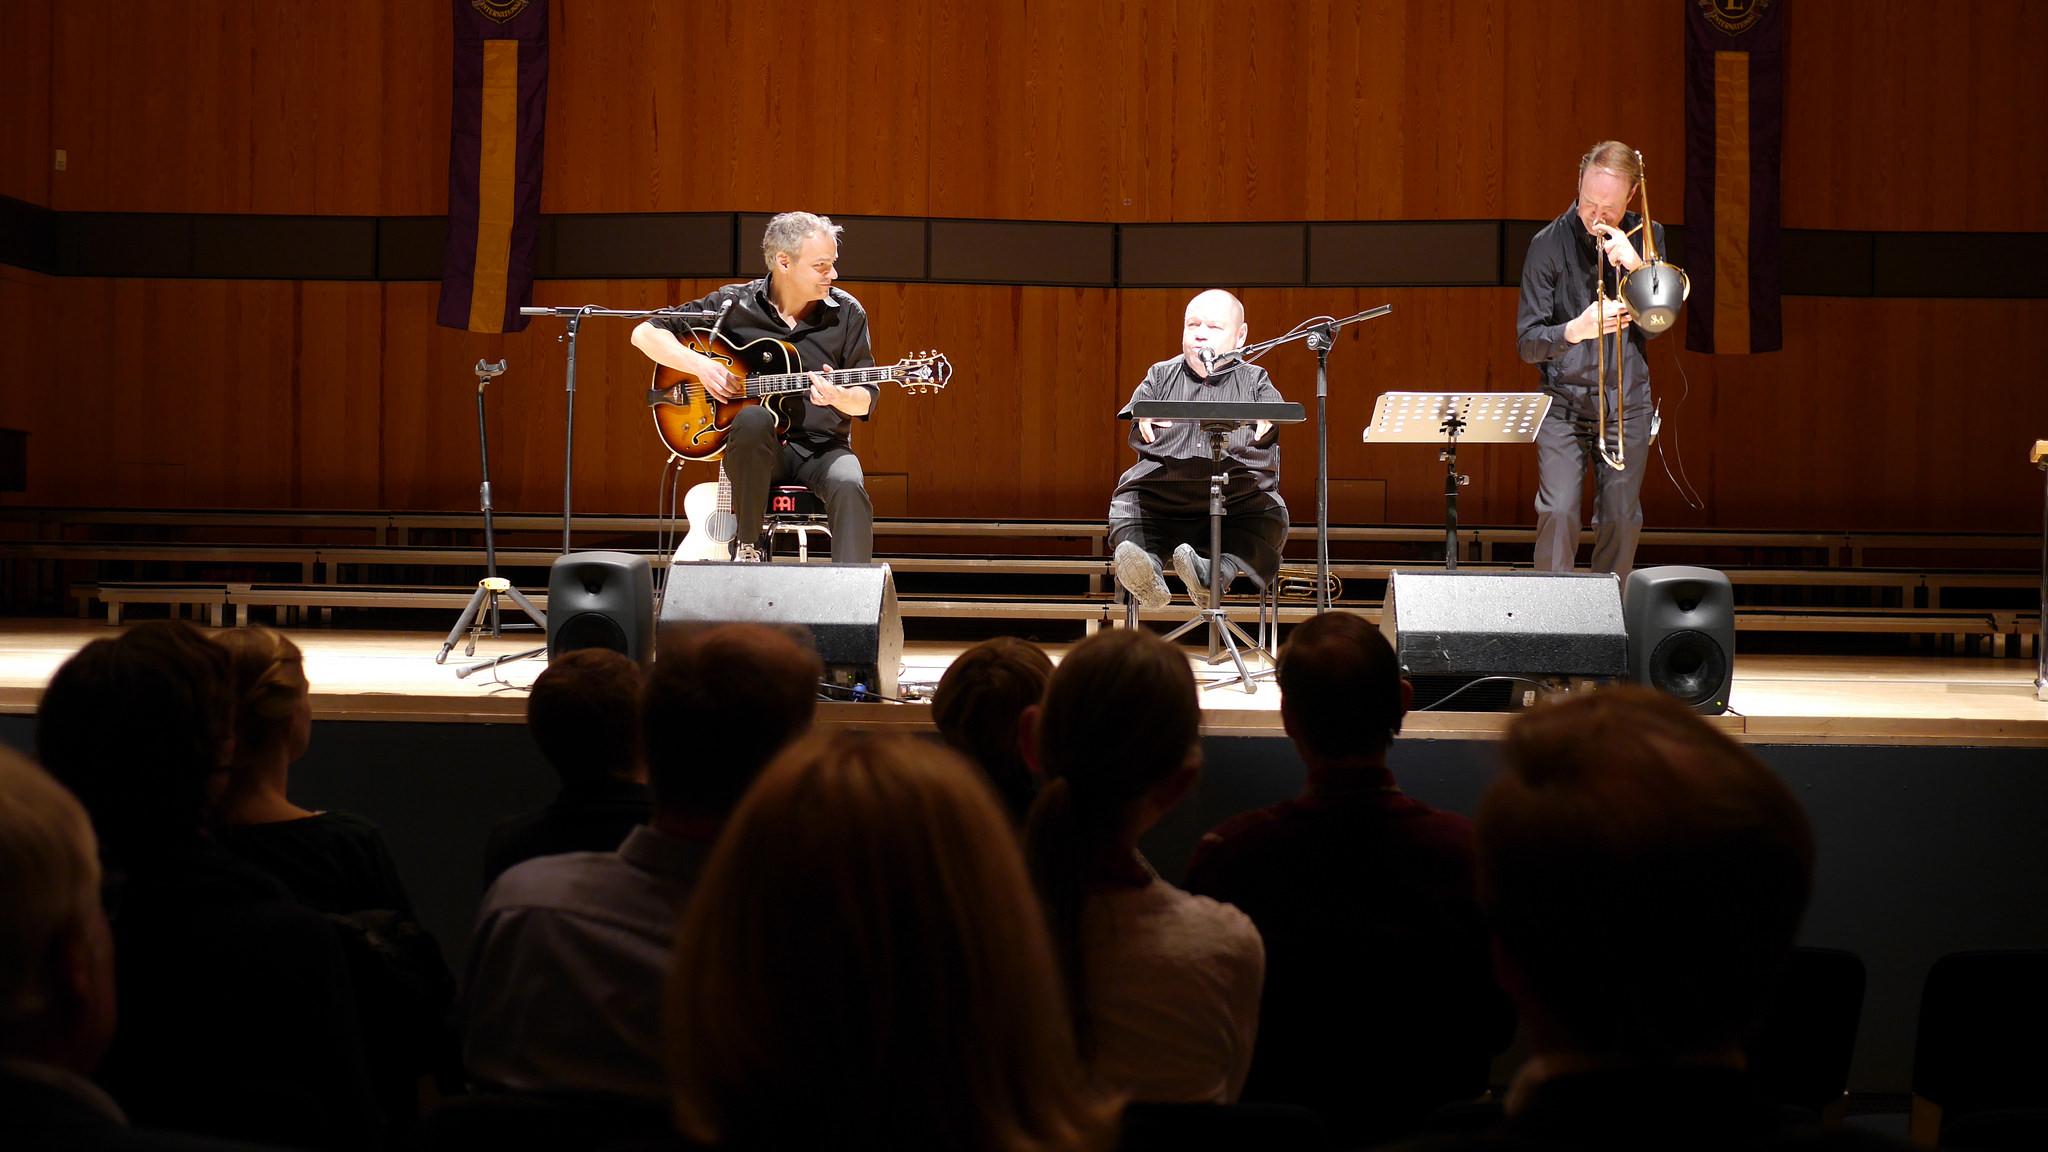 Thomas Quasthoff, Shawn & the Wolf @Konzerthaus HfM Detmold 2018